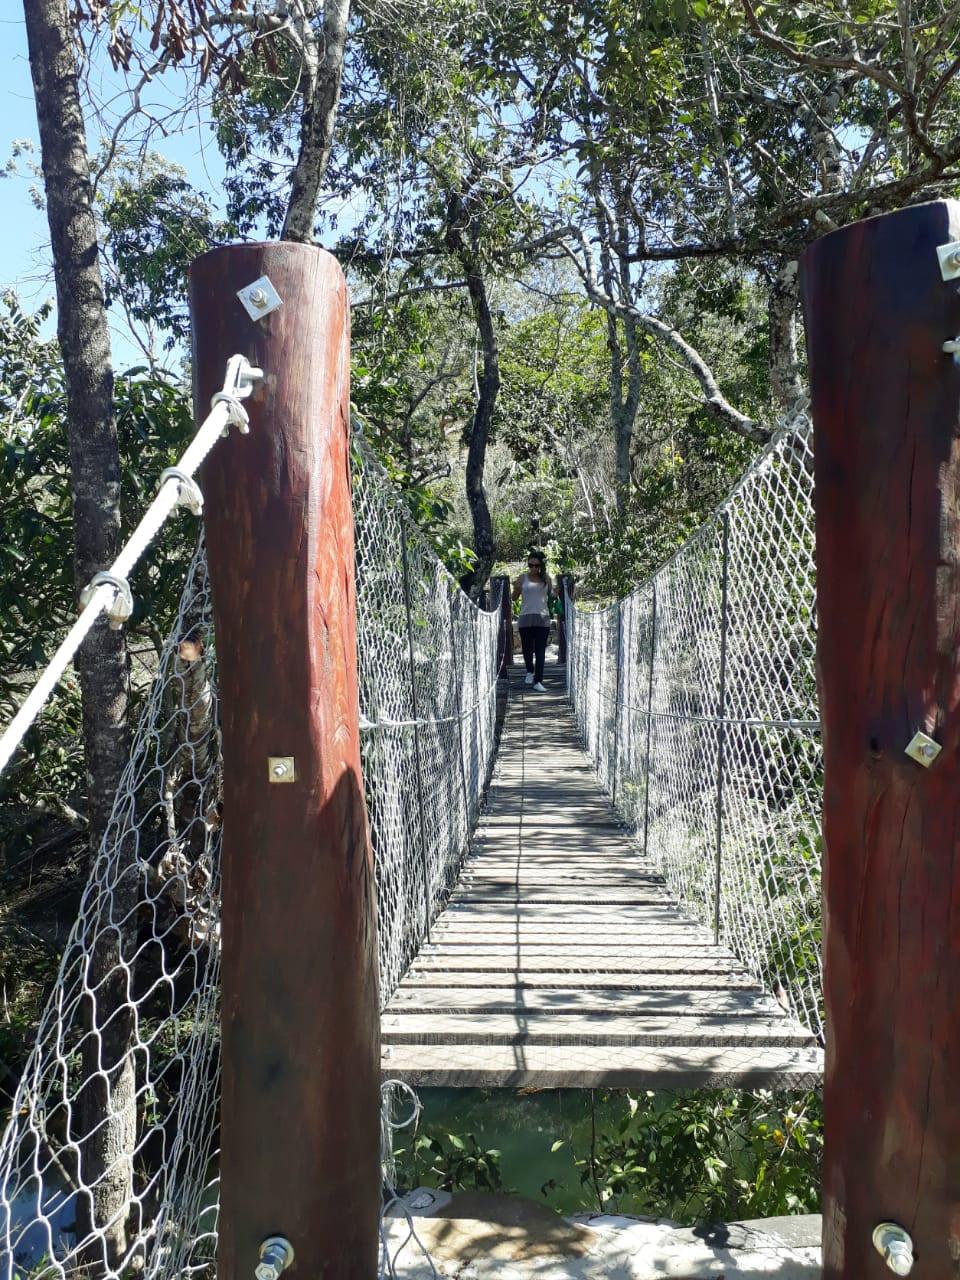 Ponte pênsil prepara o visitante para Ponte da Tremedeira